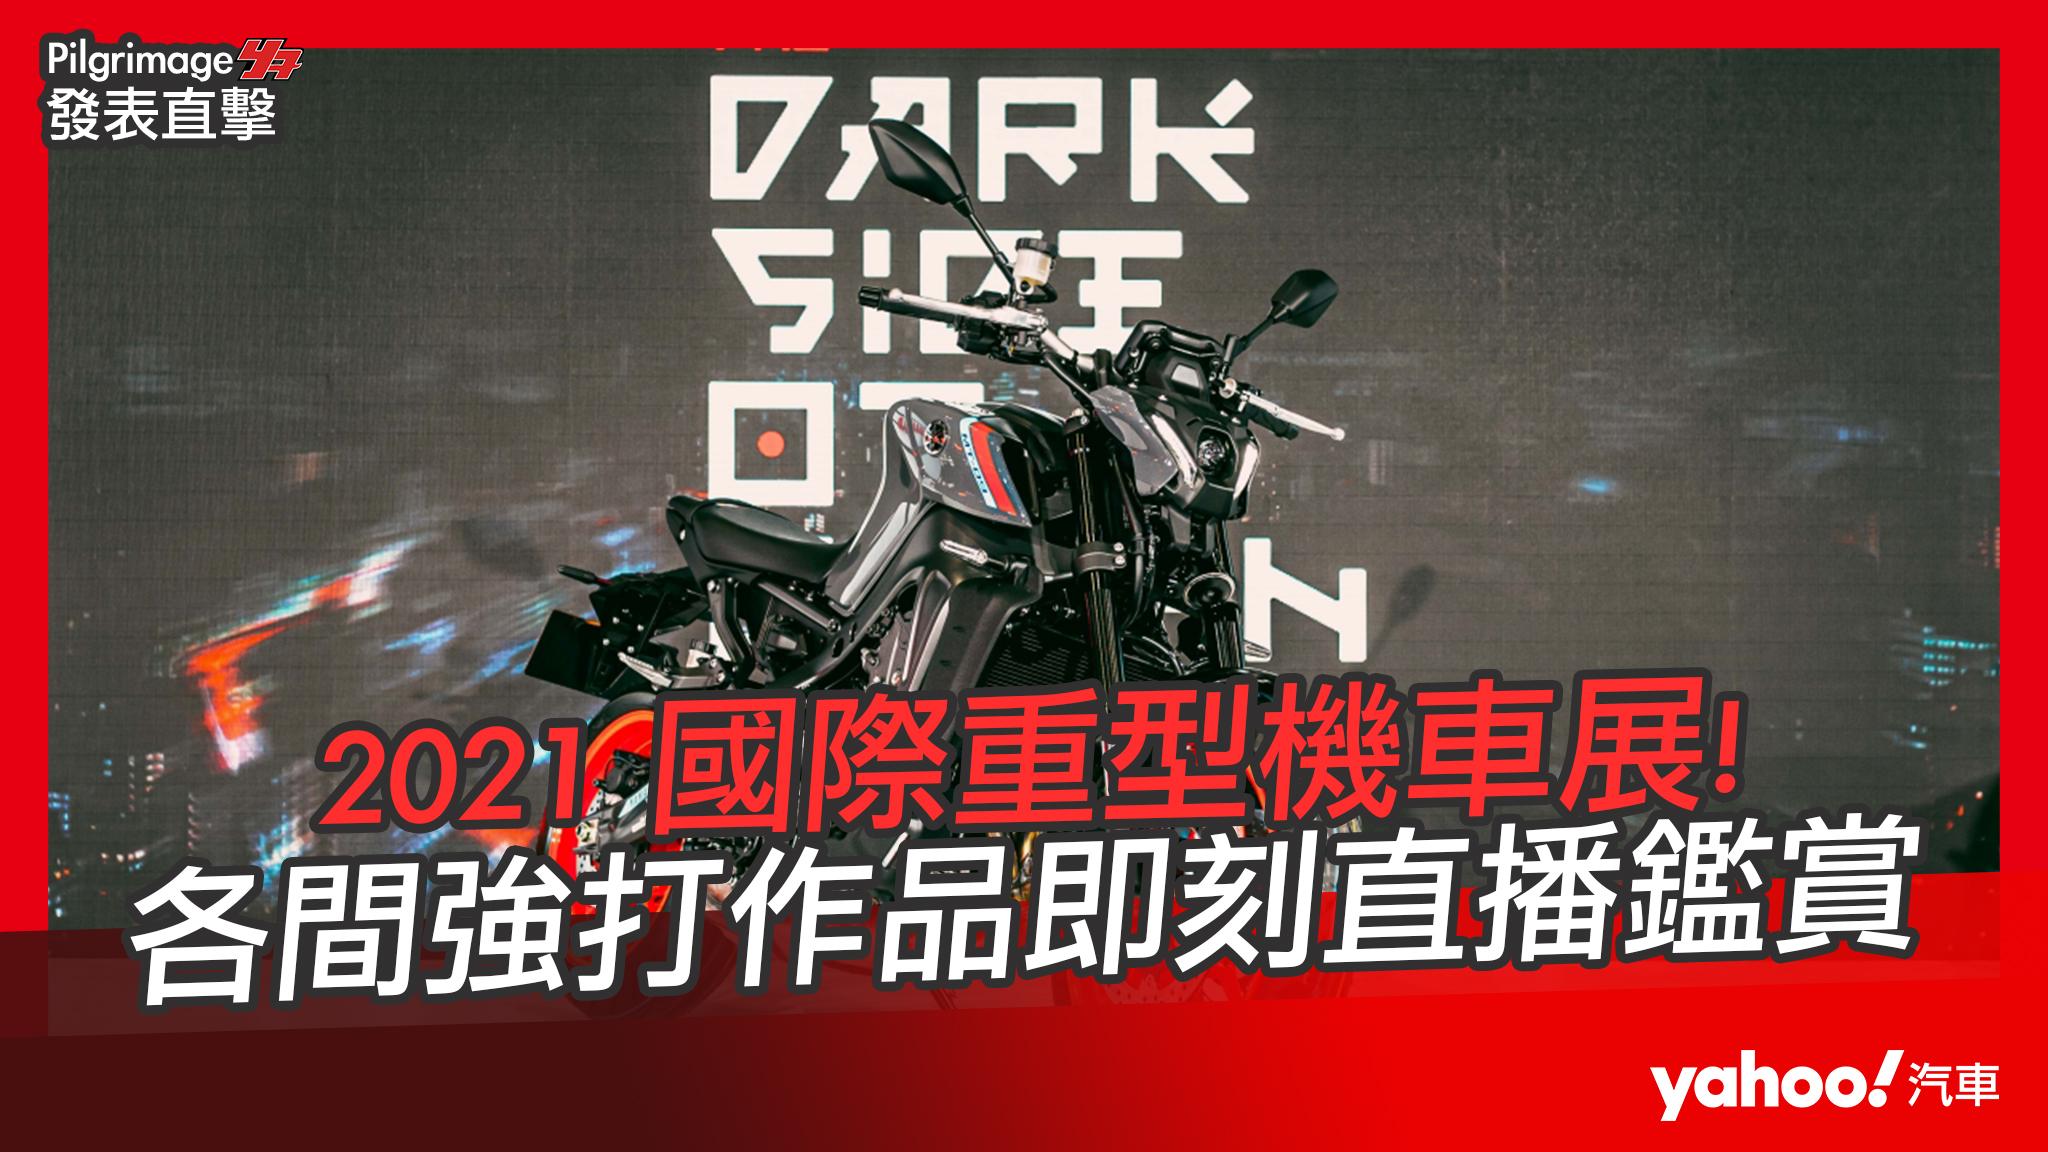 【發表直擊】2021 國際重型機車展 現場導覽直播